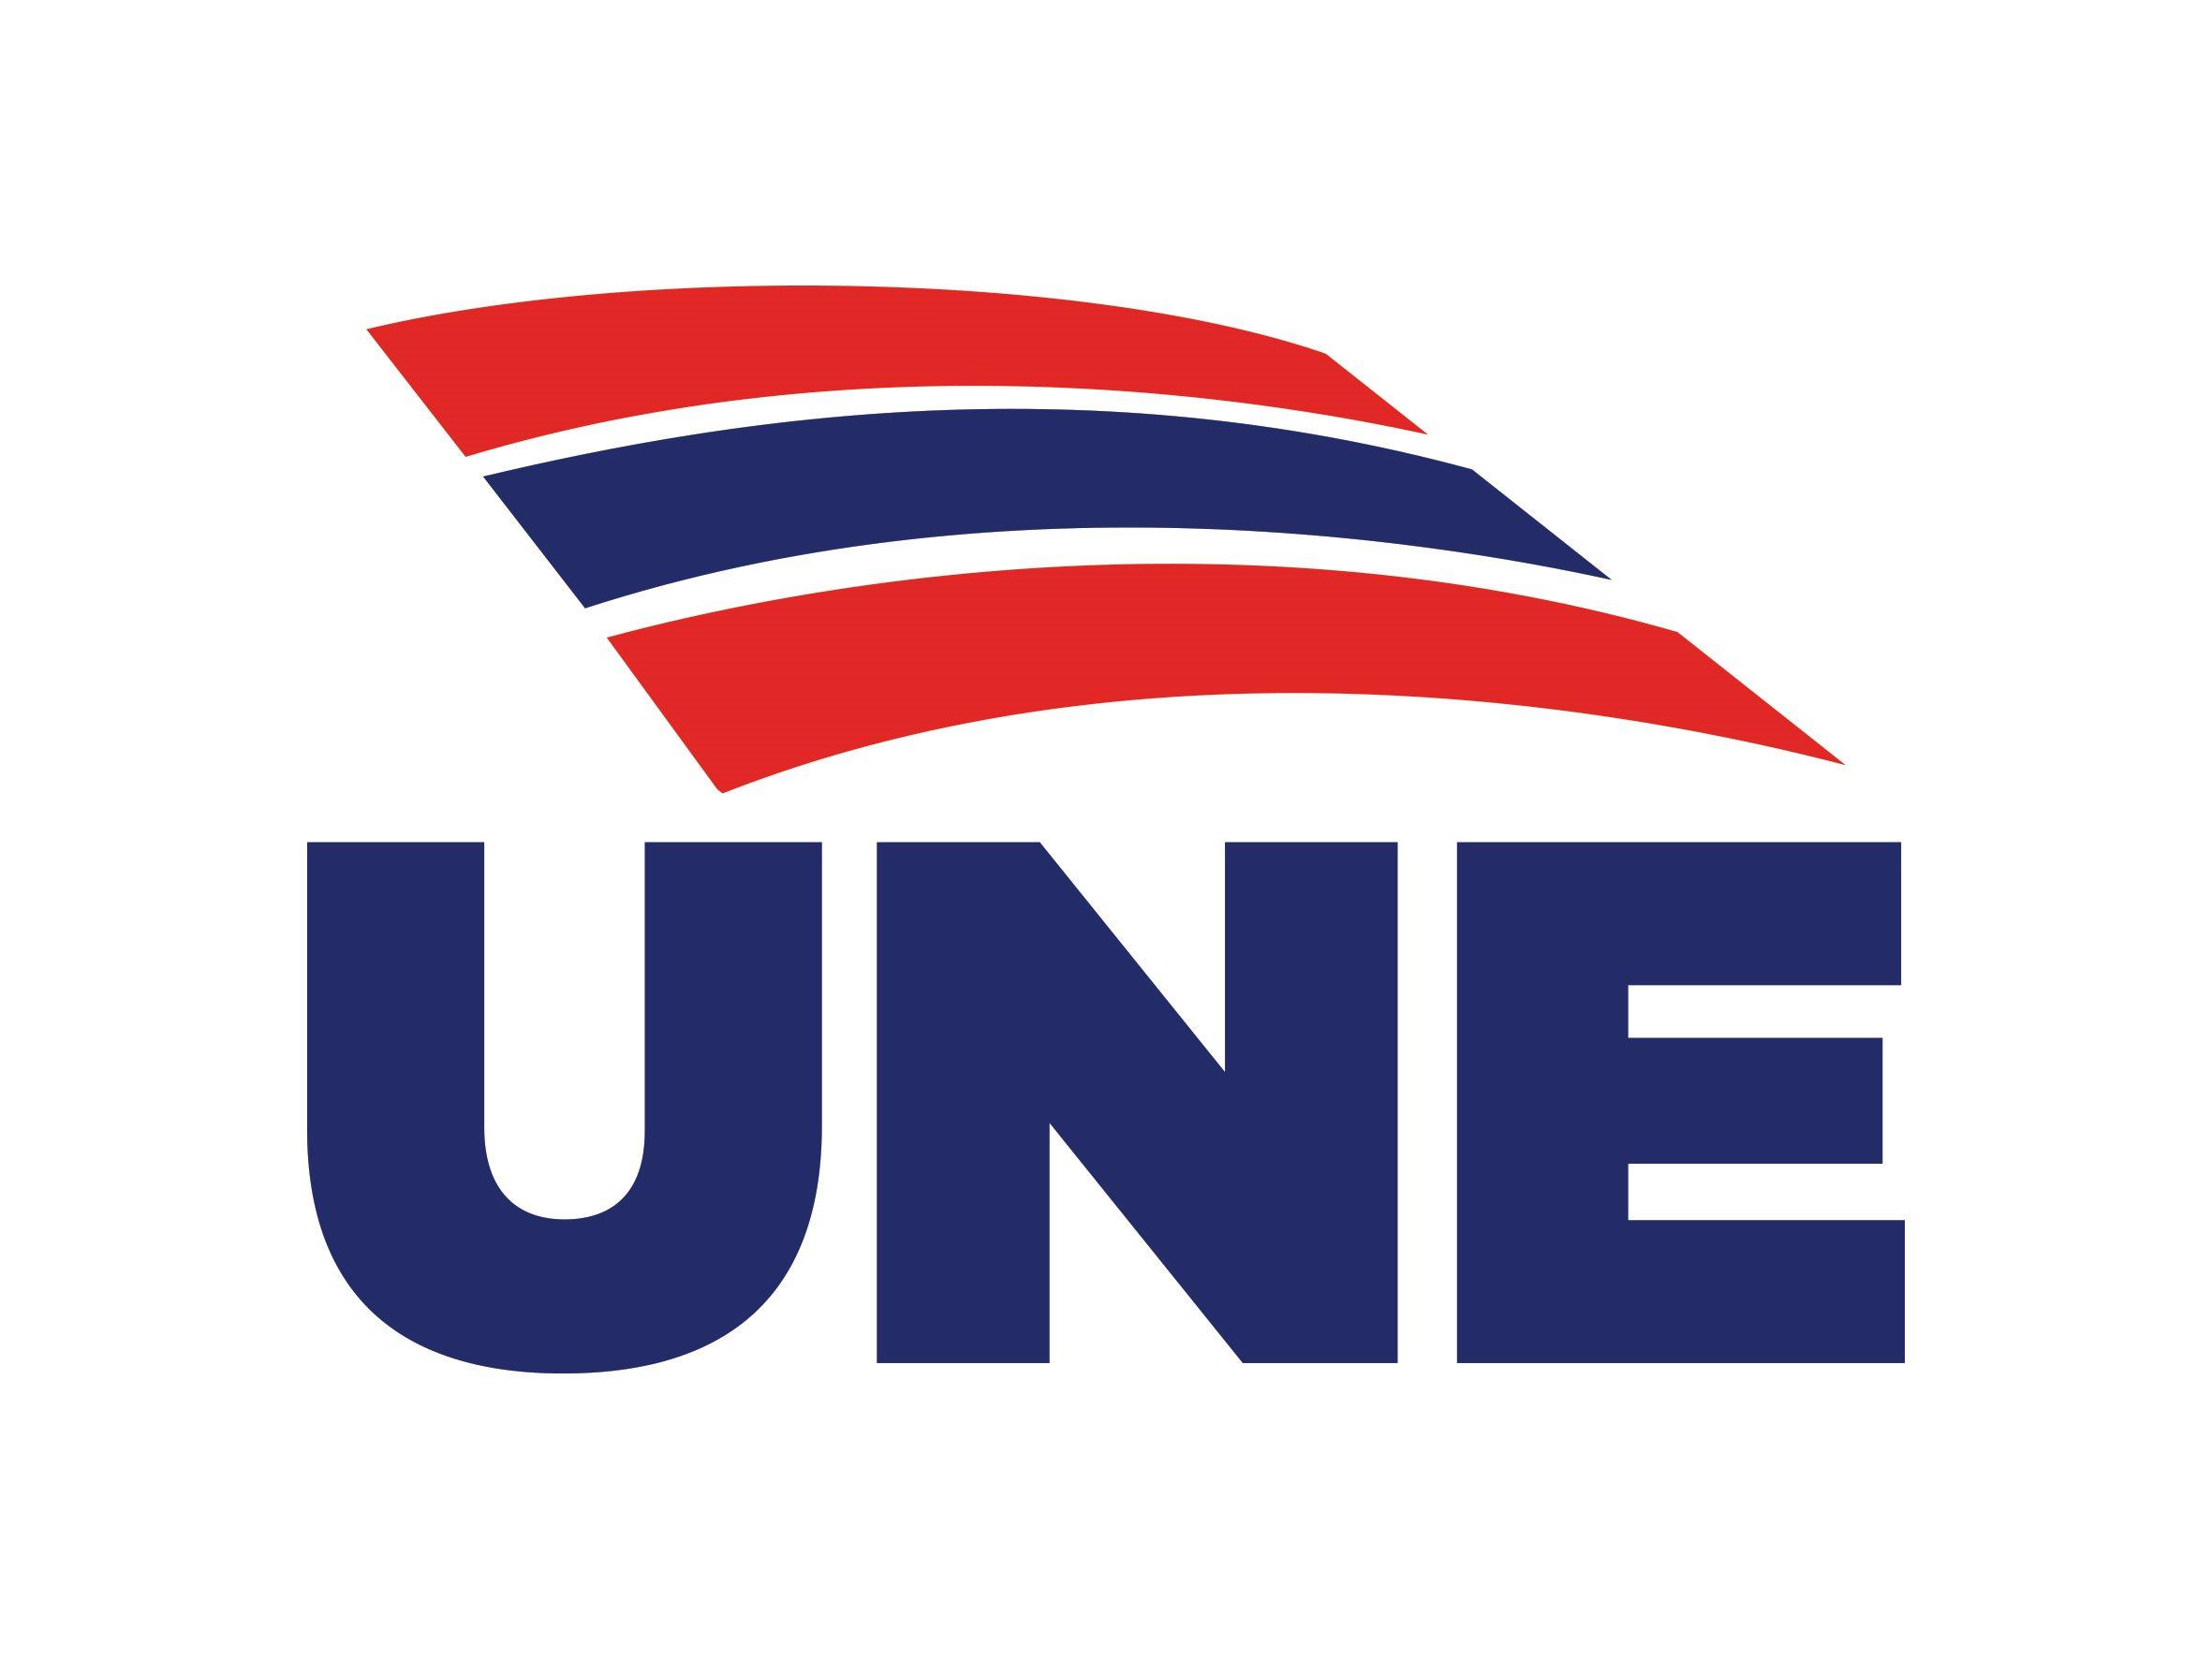 Centro Universitario UNE